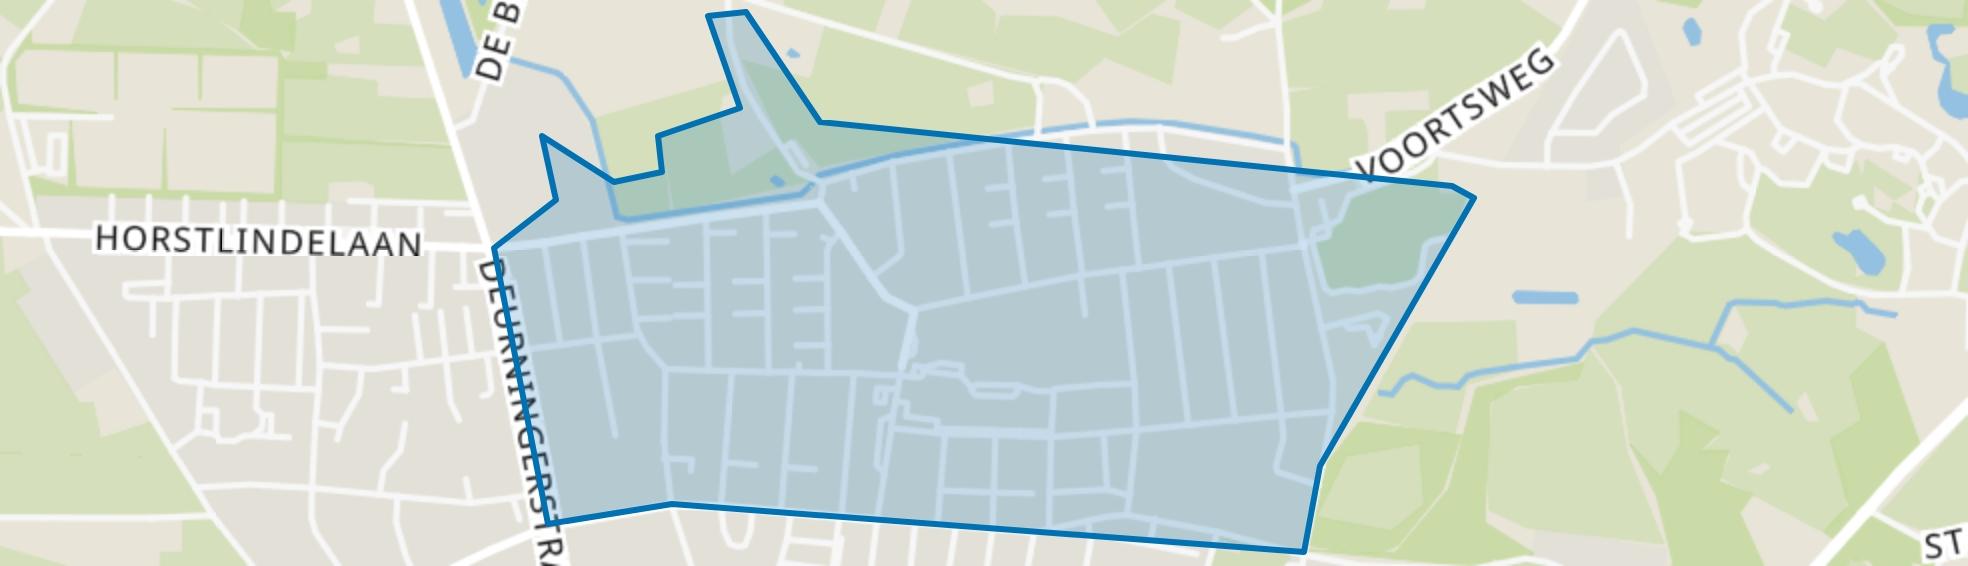 Deppenbroek, Enschede map